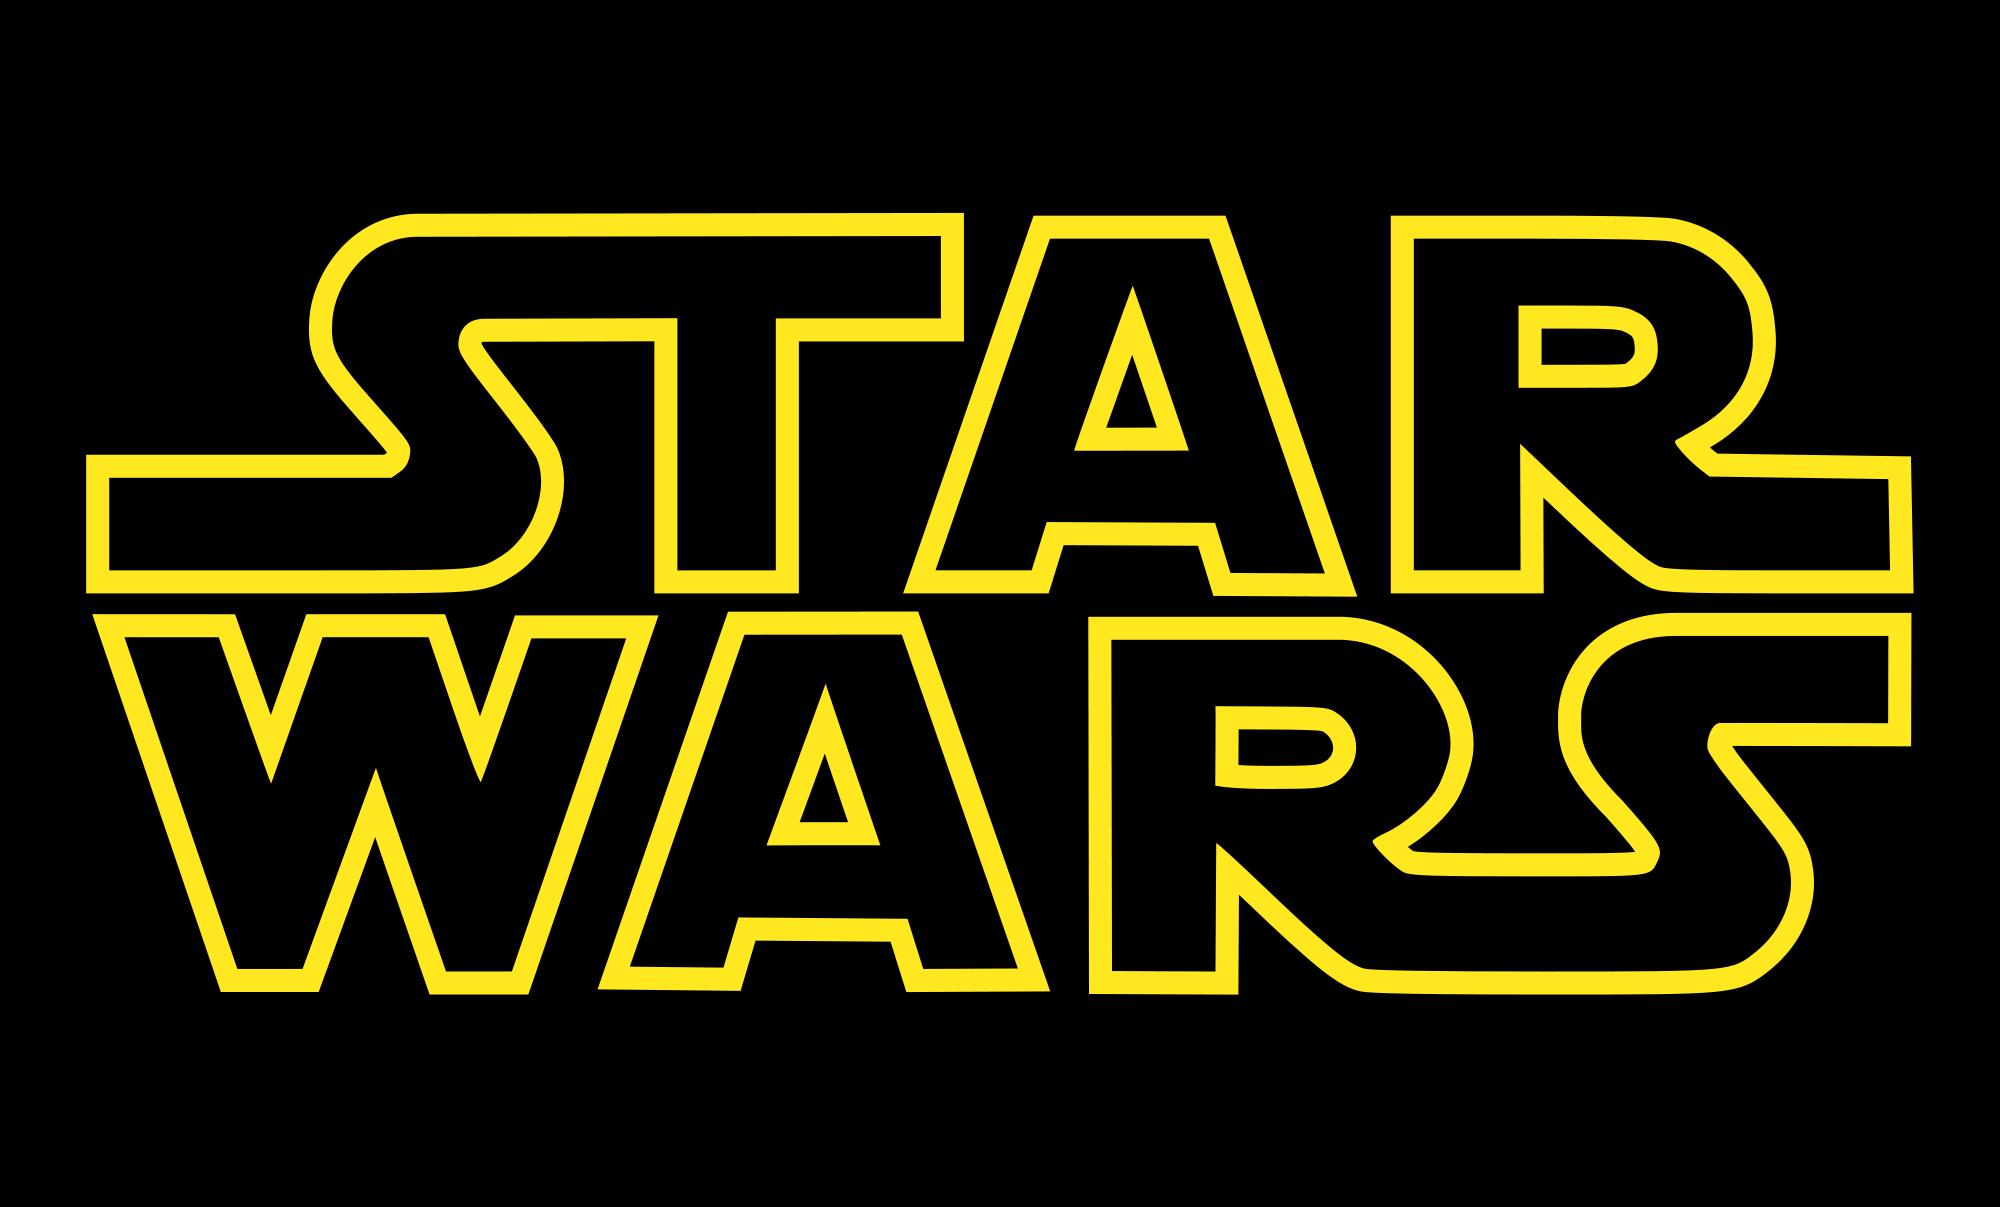 2000px-star_wars_logo_svg.png